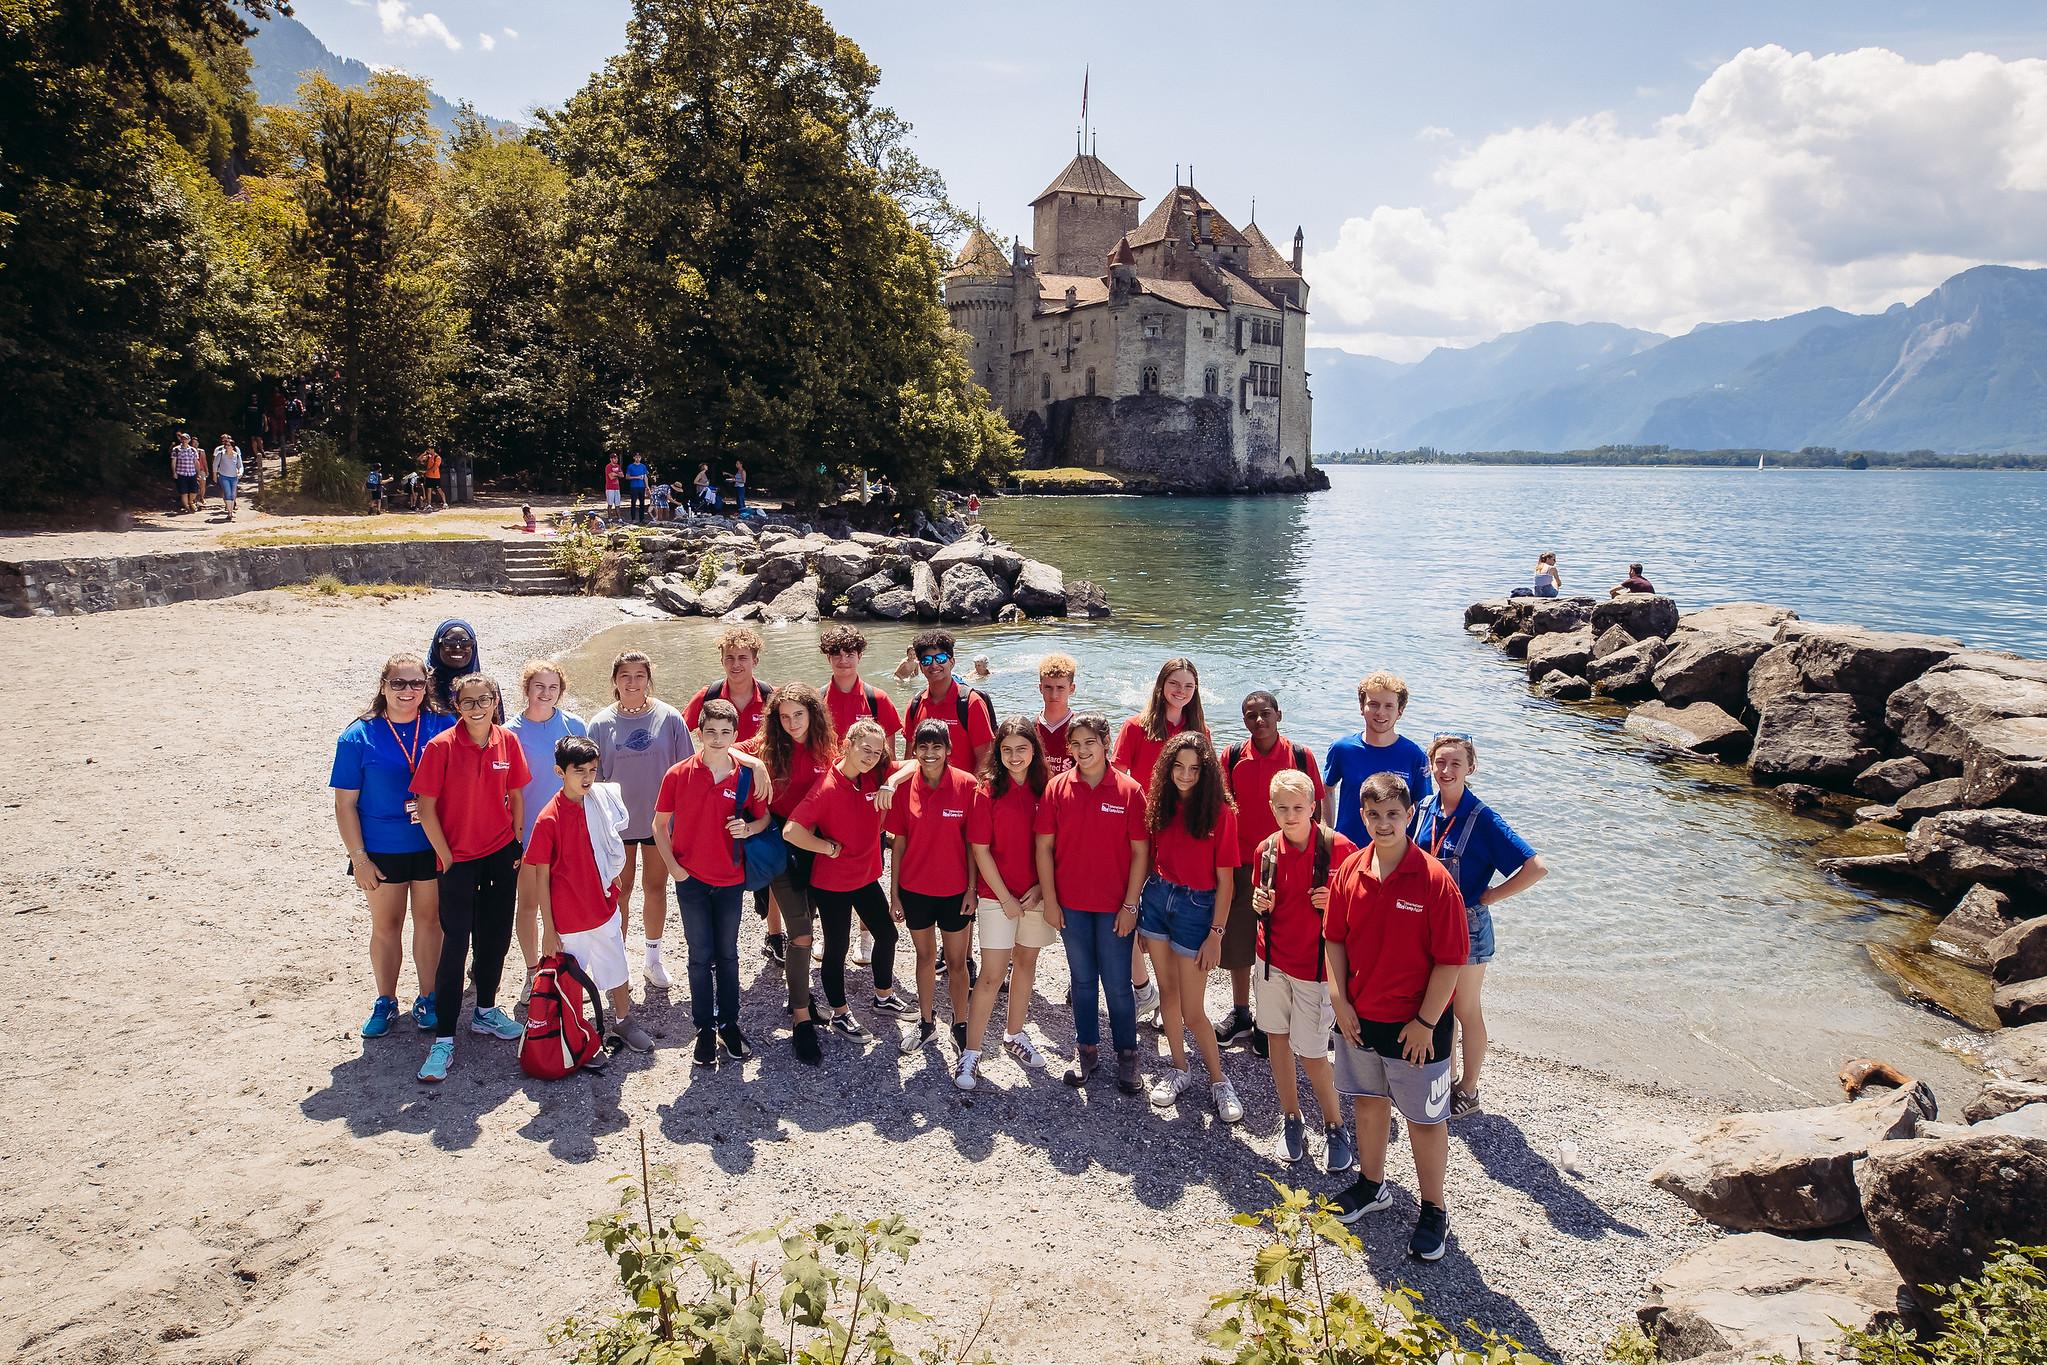 Chateau de Chillon group photo